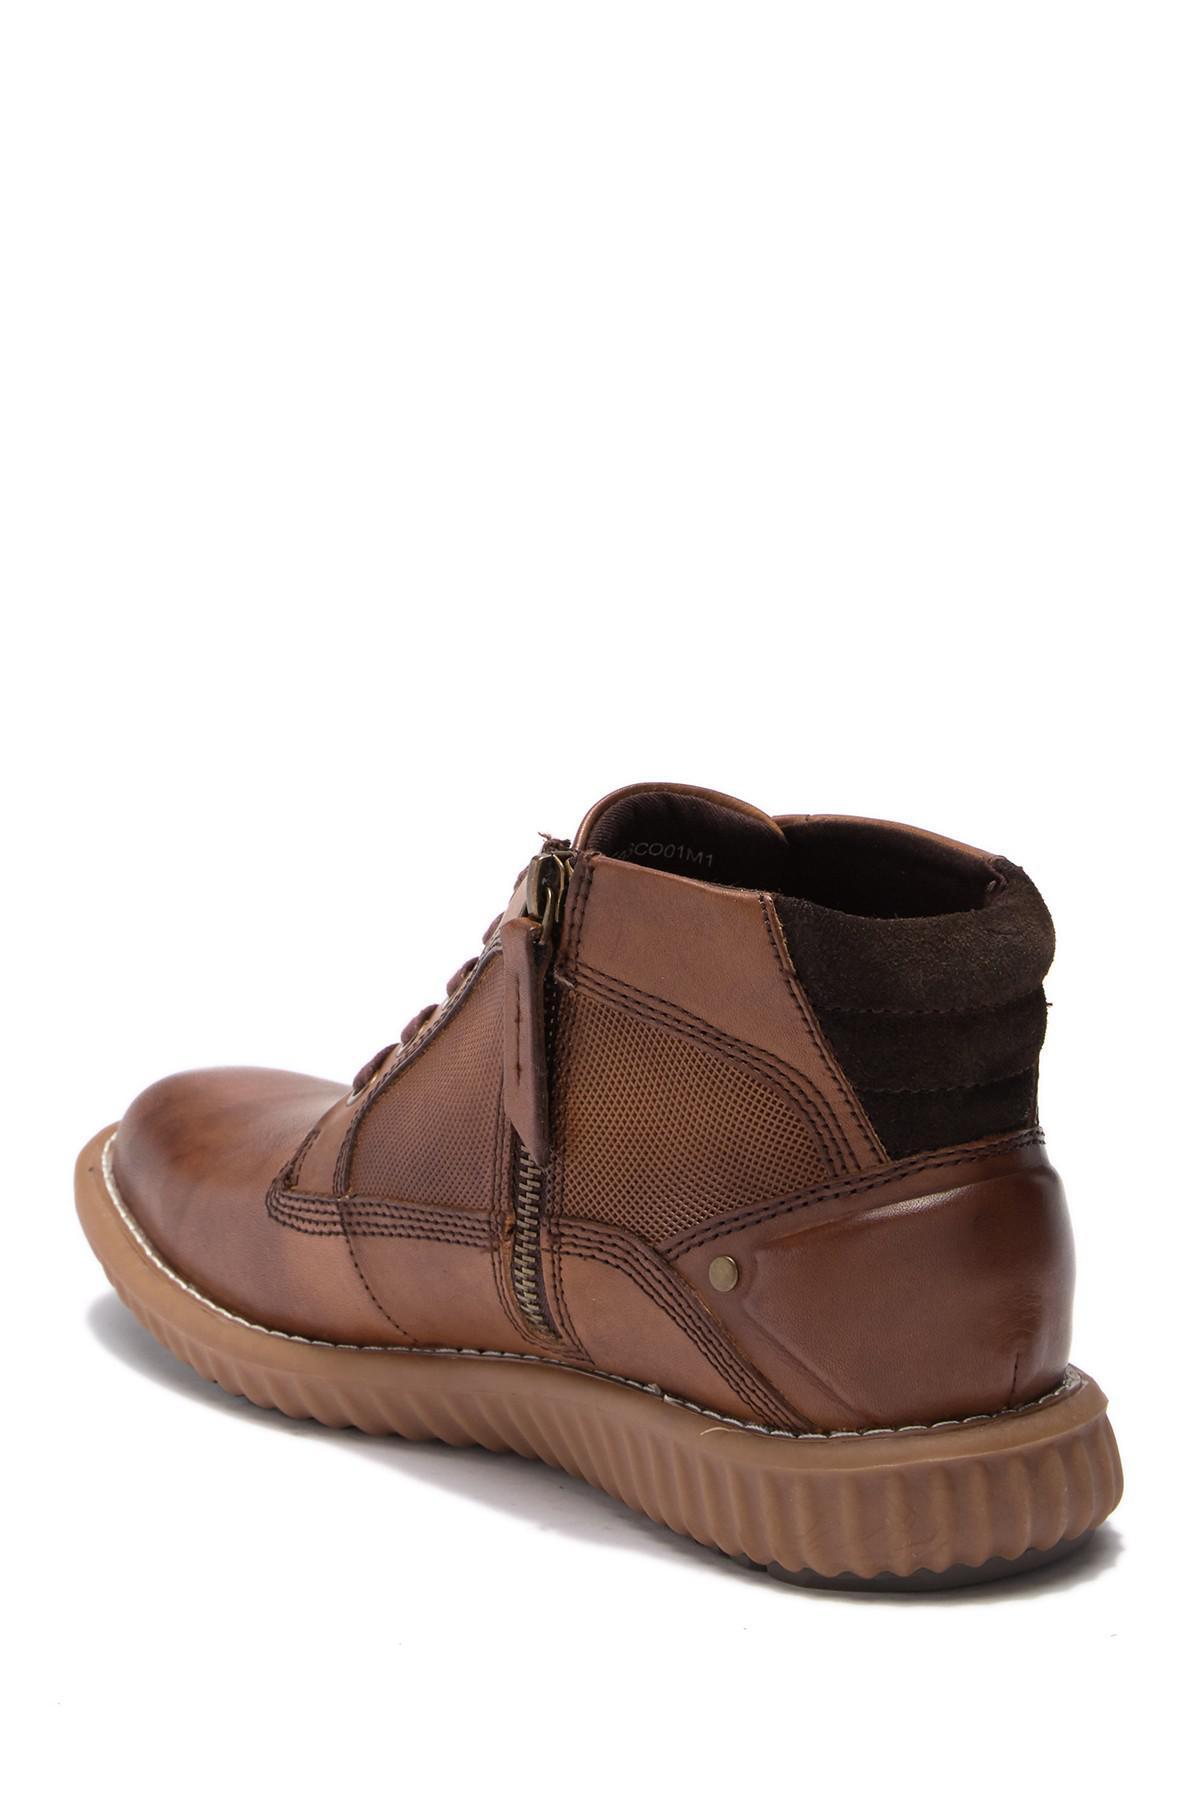 e8ebe5b920c Steve Madden Brown Vasco Boot for men